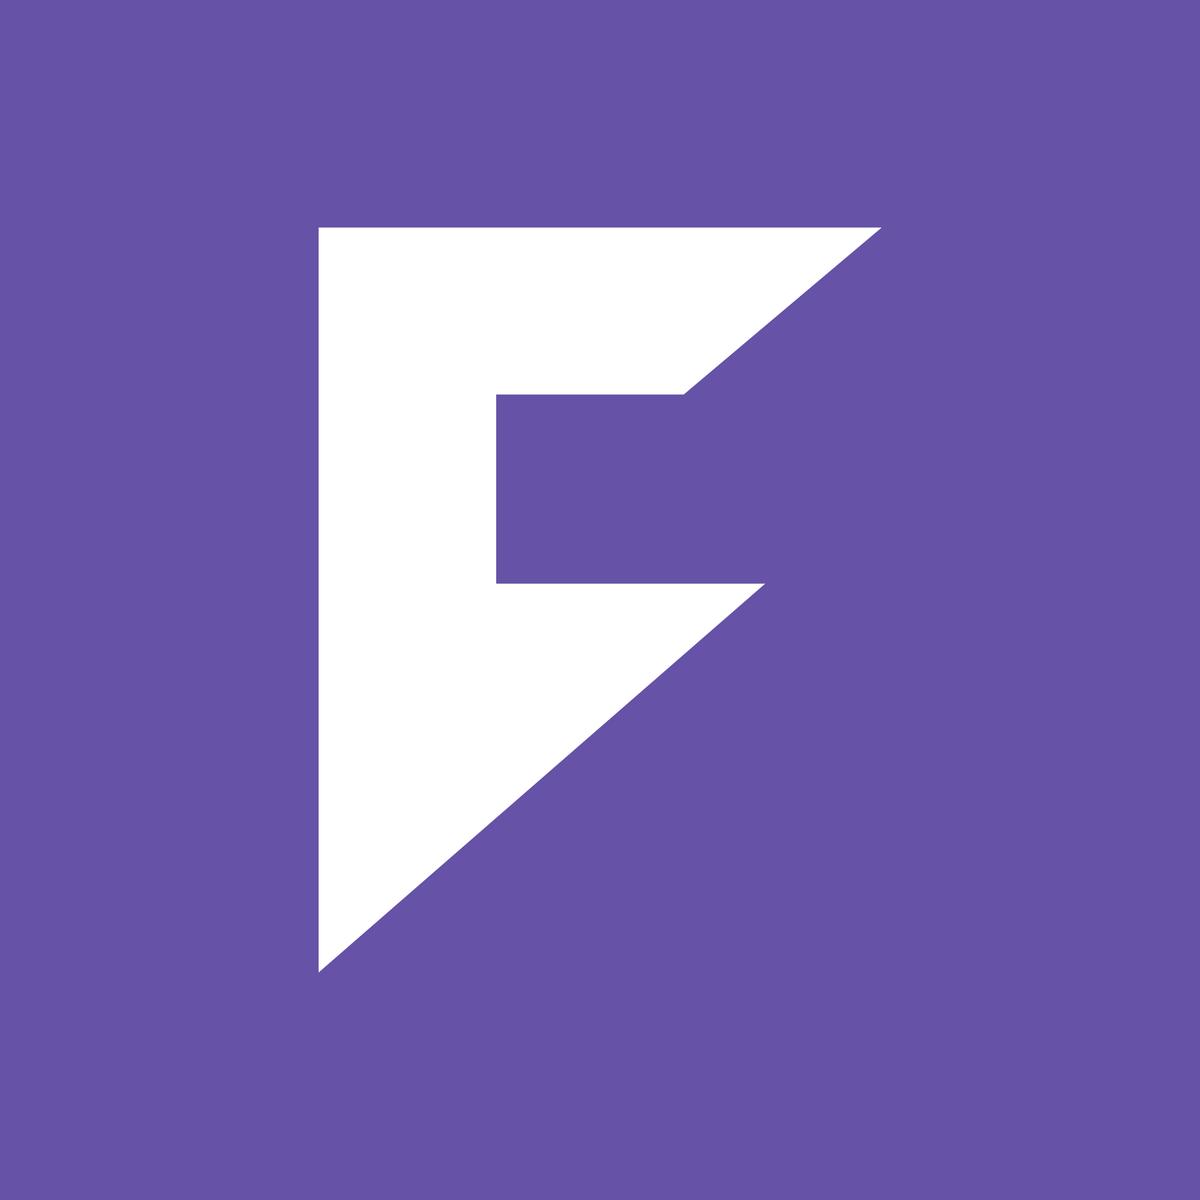 fusion tv wikipedia